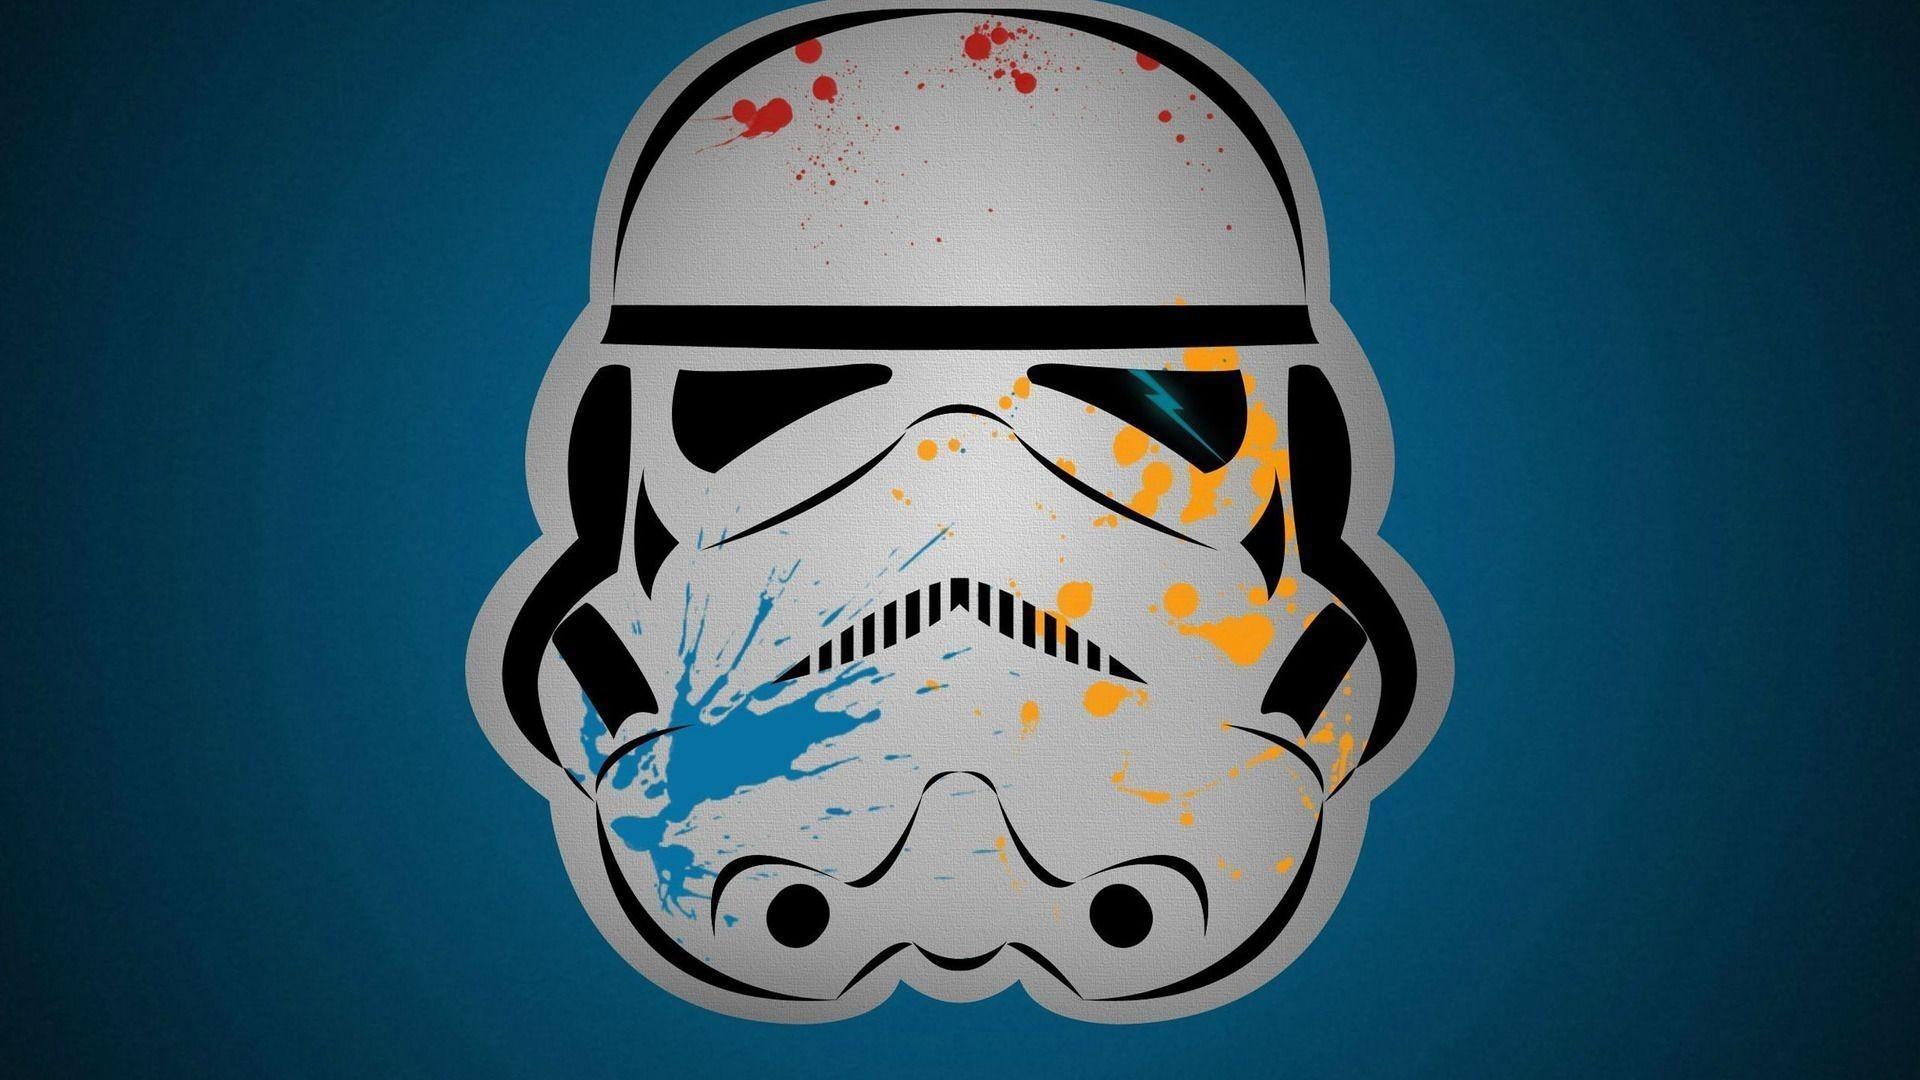 Stormtrooper Desktop Wallpaper